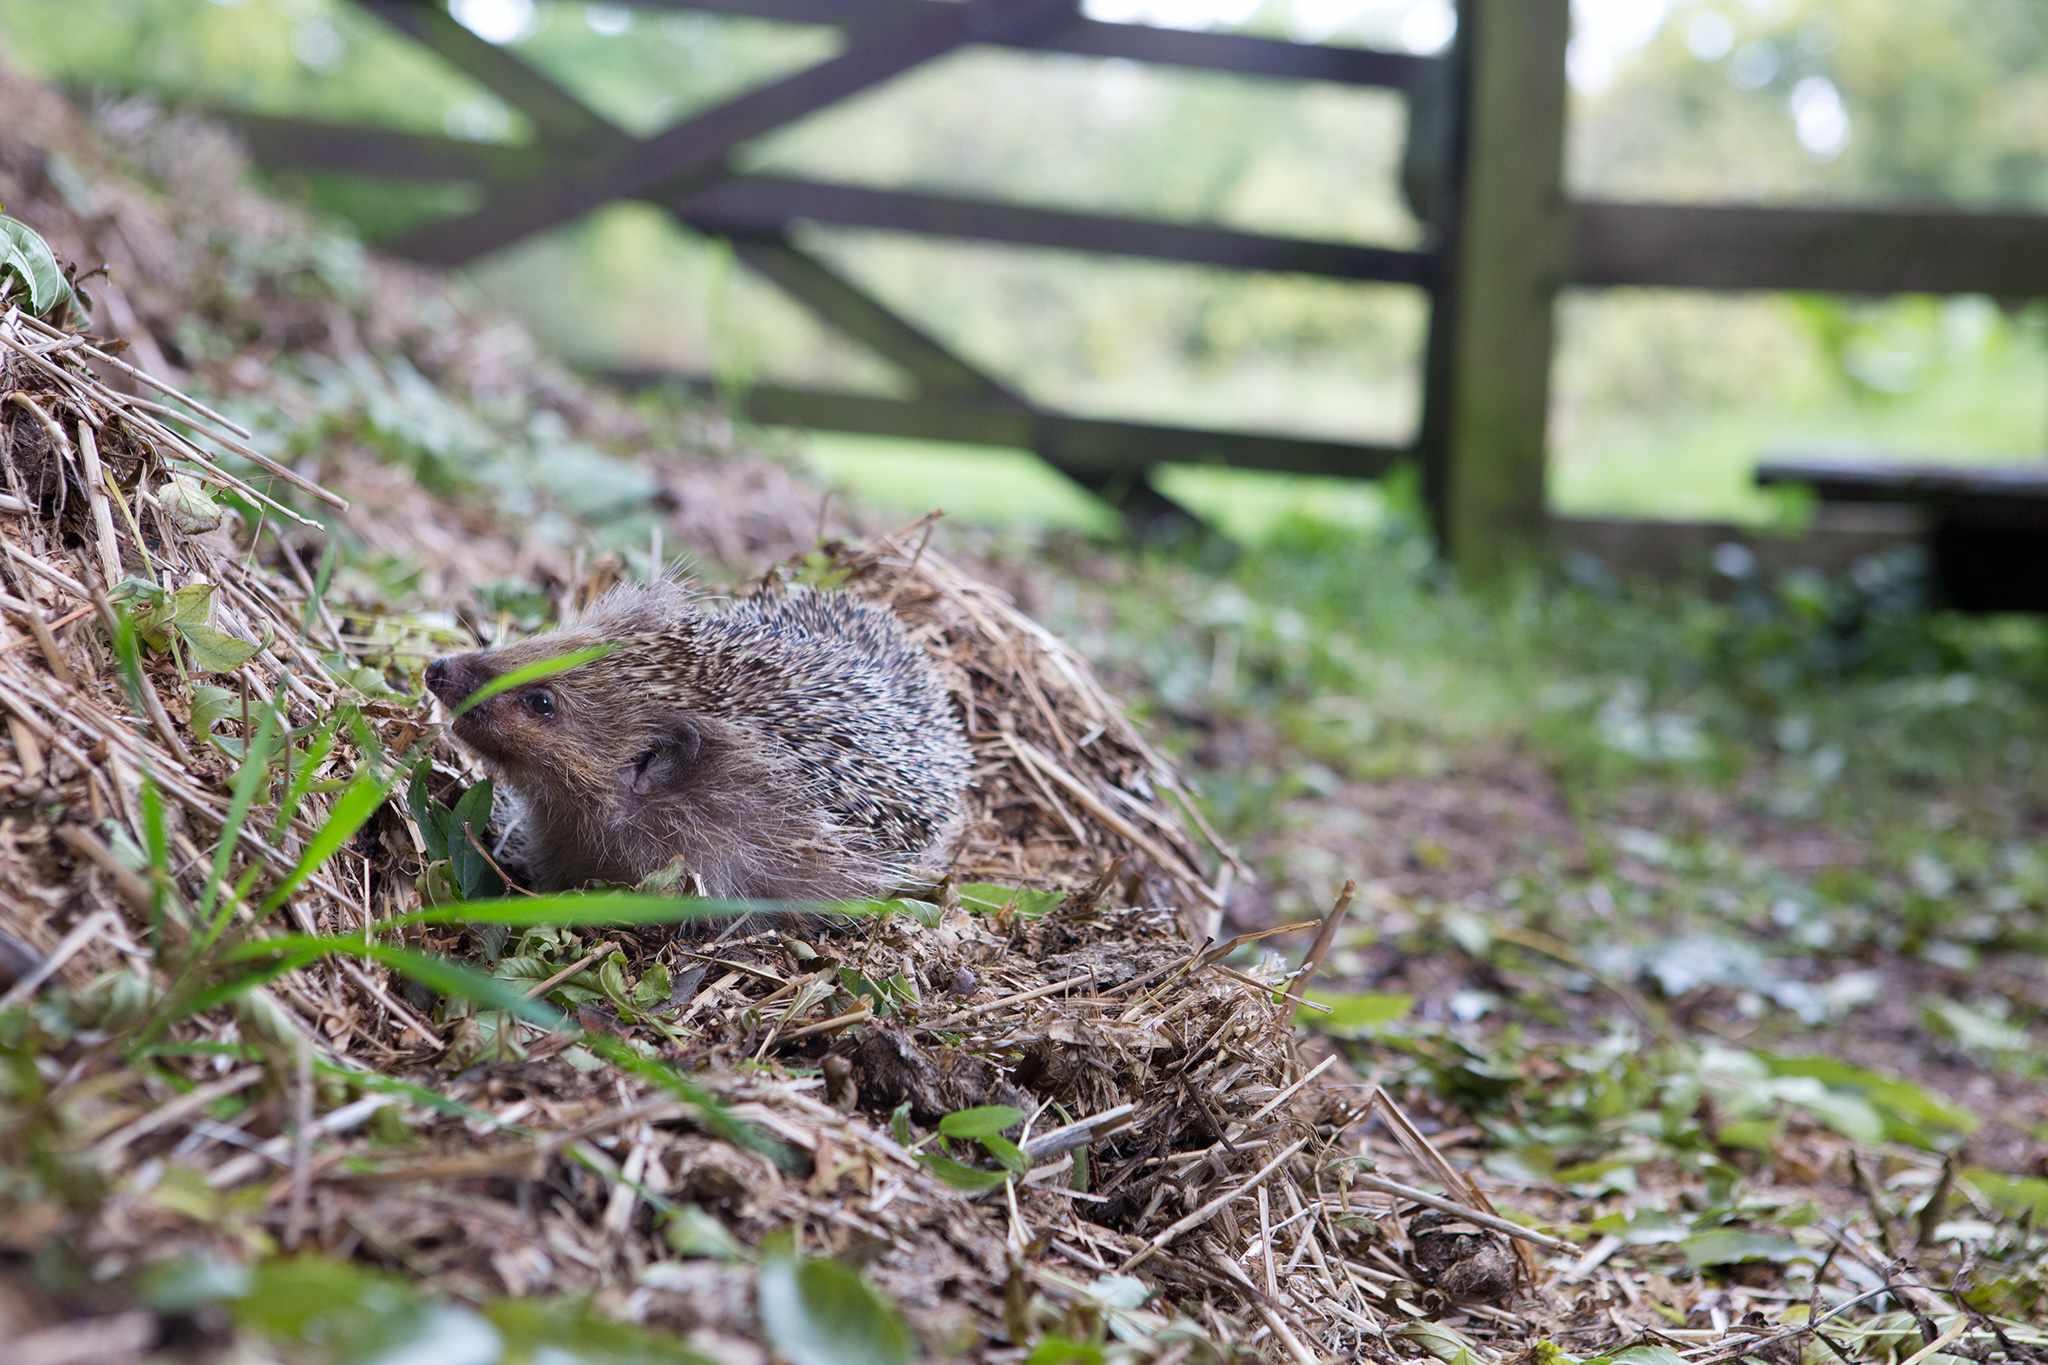 A hedgehog exploring a compost heap